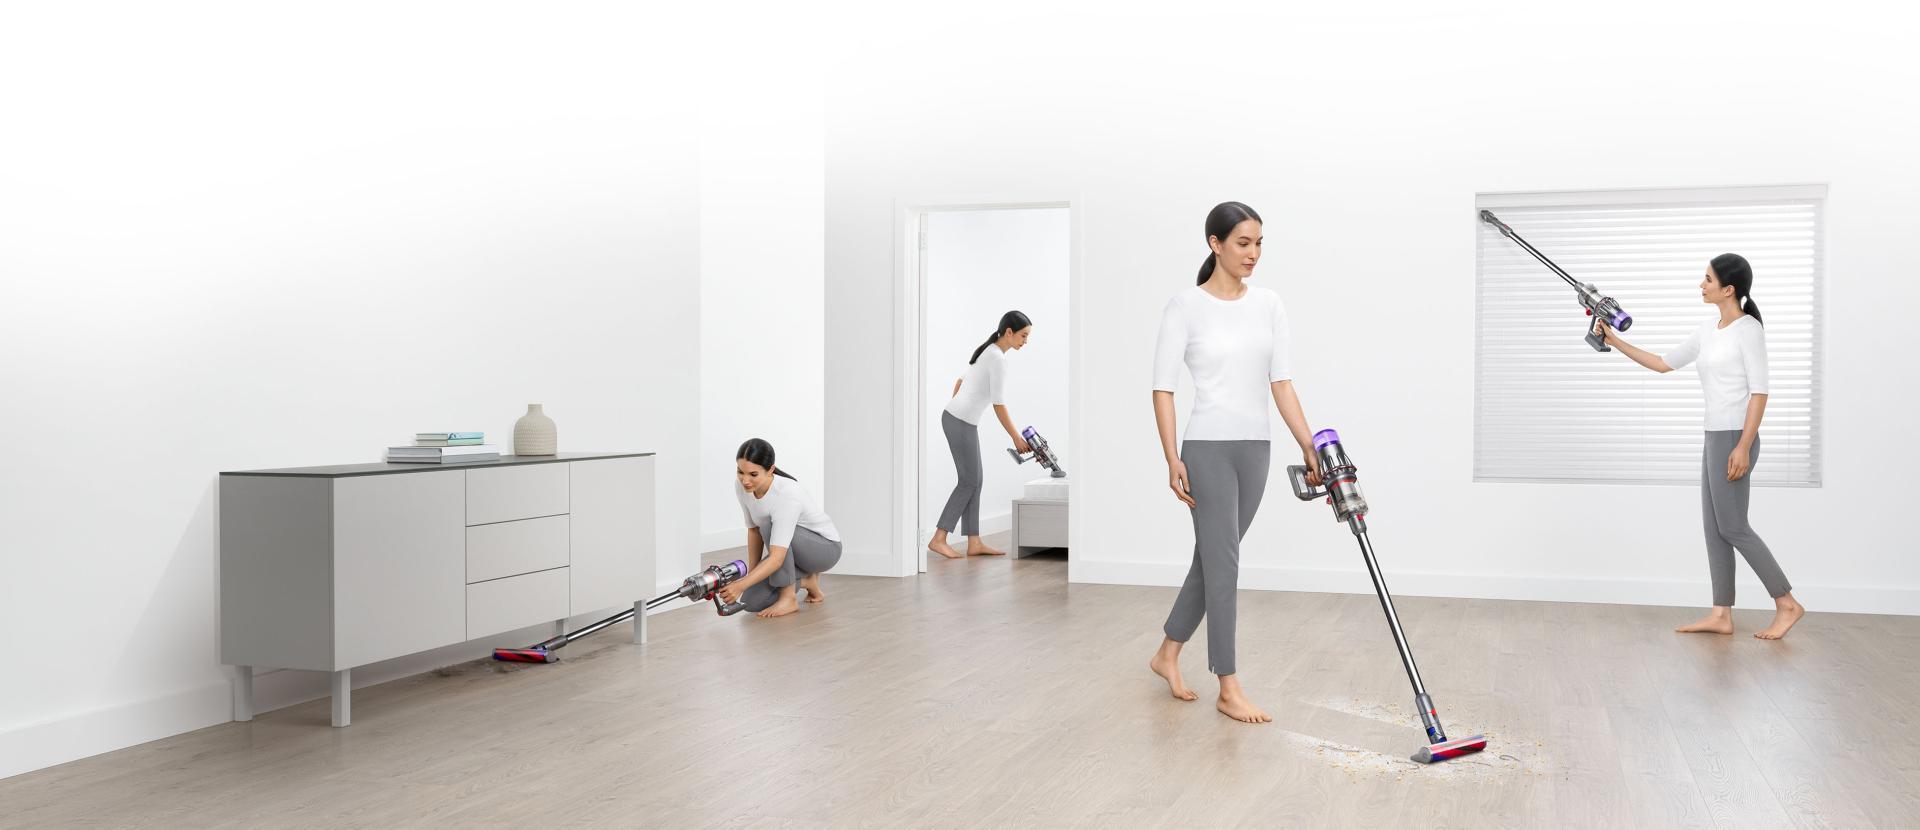 ผู้หญิงขณะกำลังทำความสะอาดจุดต่างๆ ภายในบ้าน